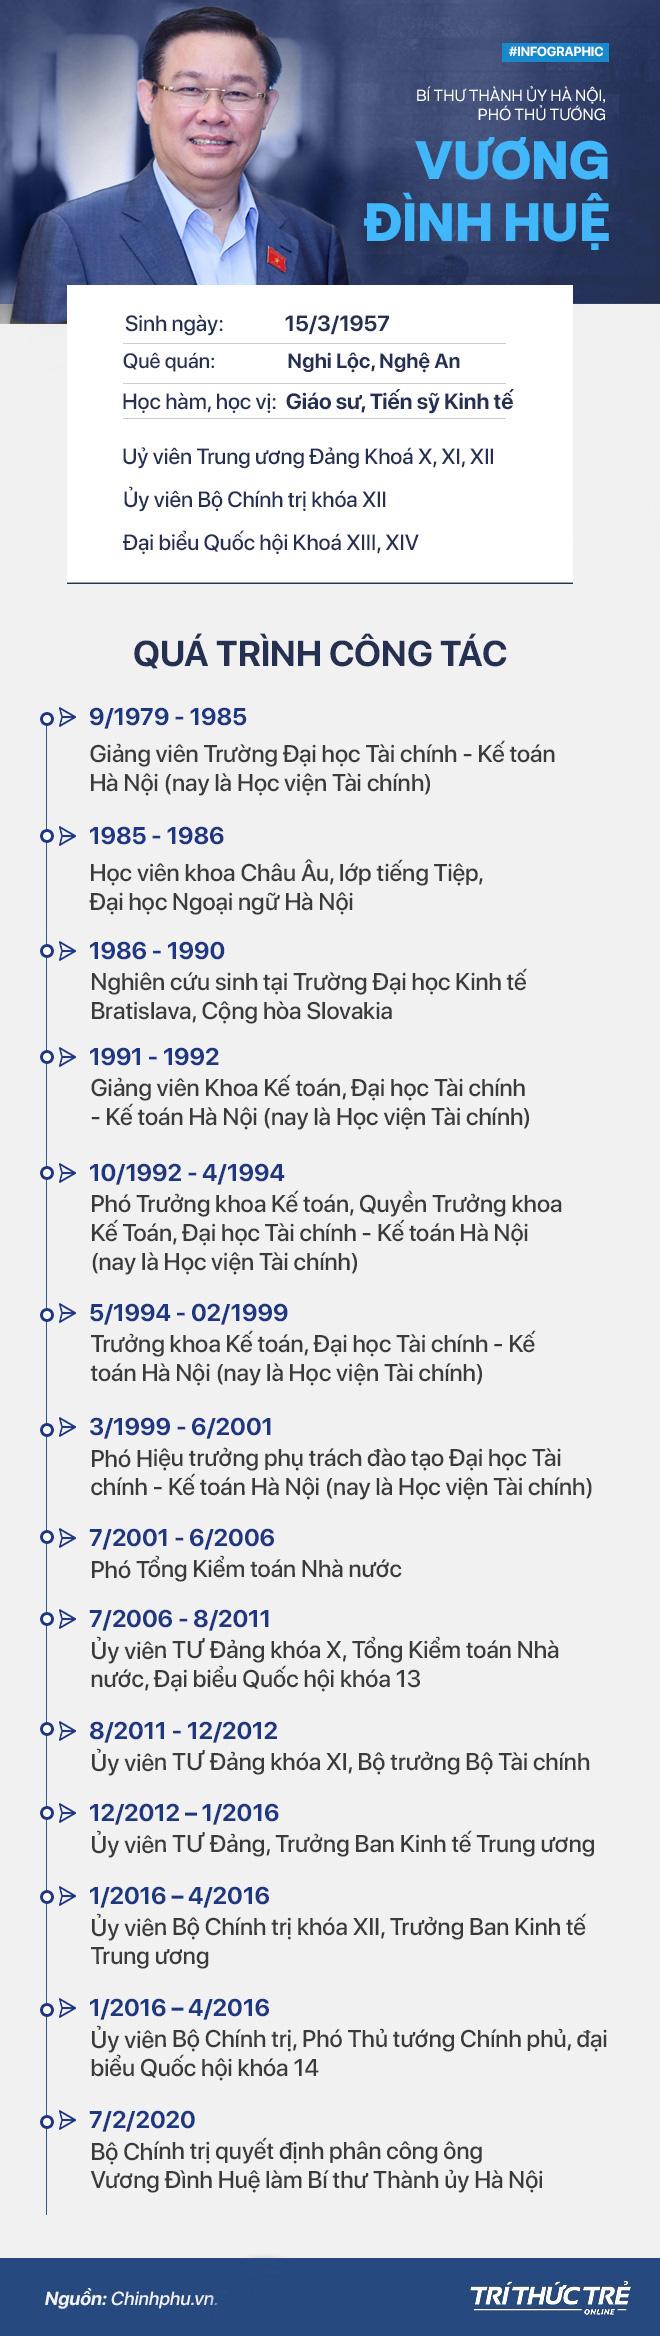 Chân dung tân Bí thư Hà Nội Vương Đình Huệ - Ảnh 1.